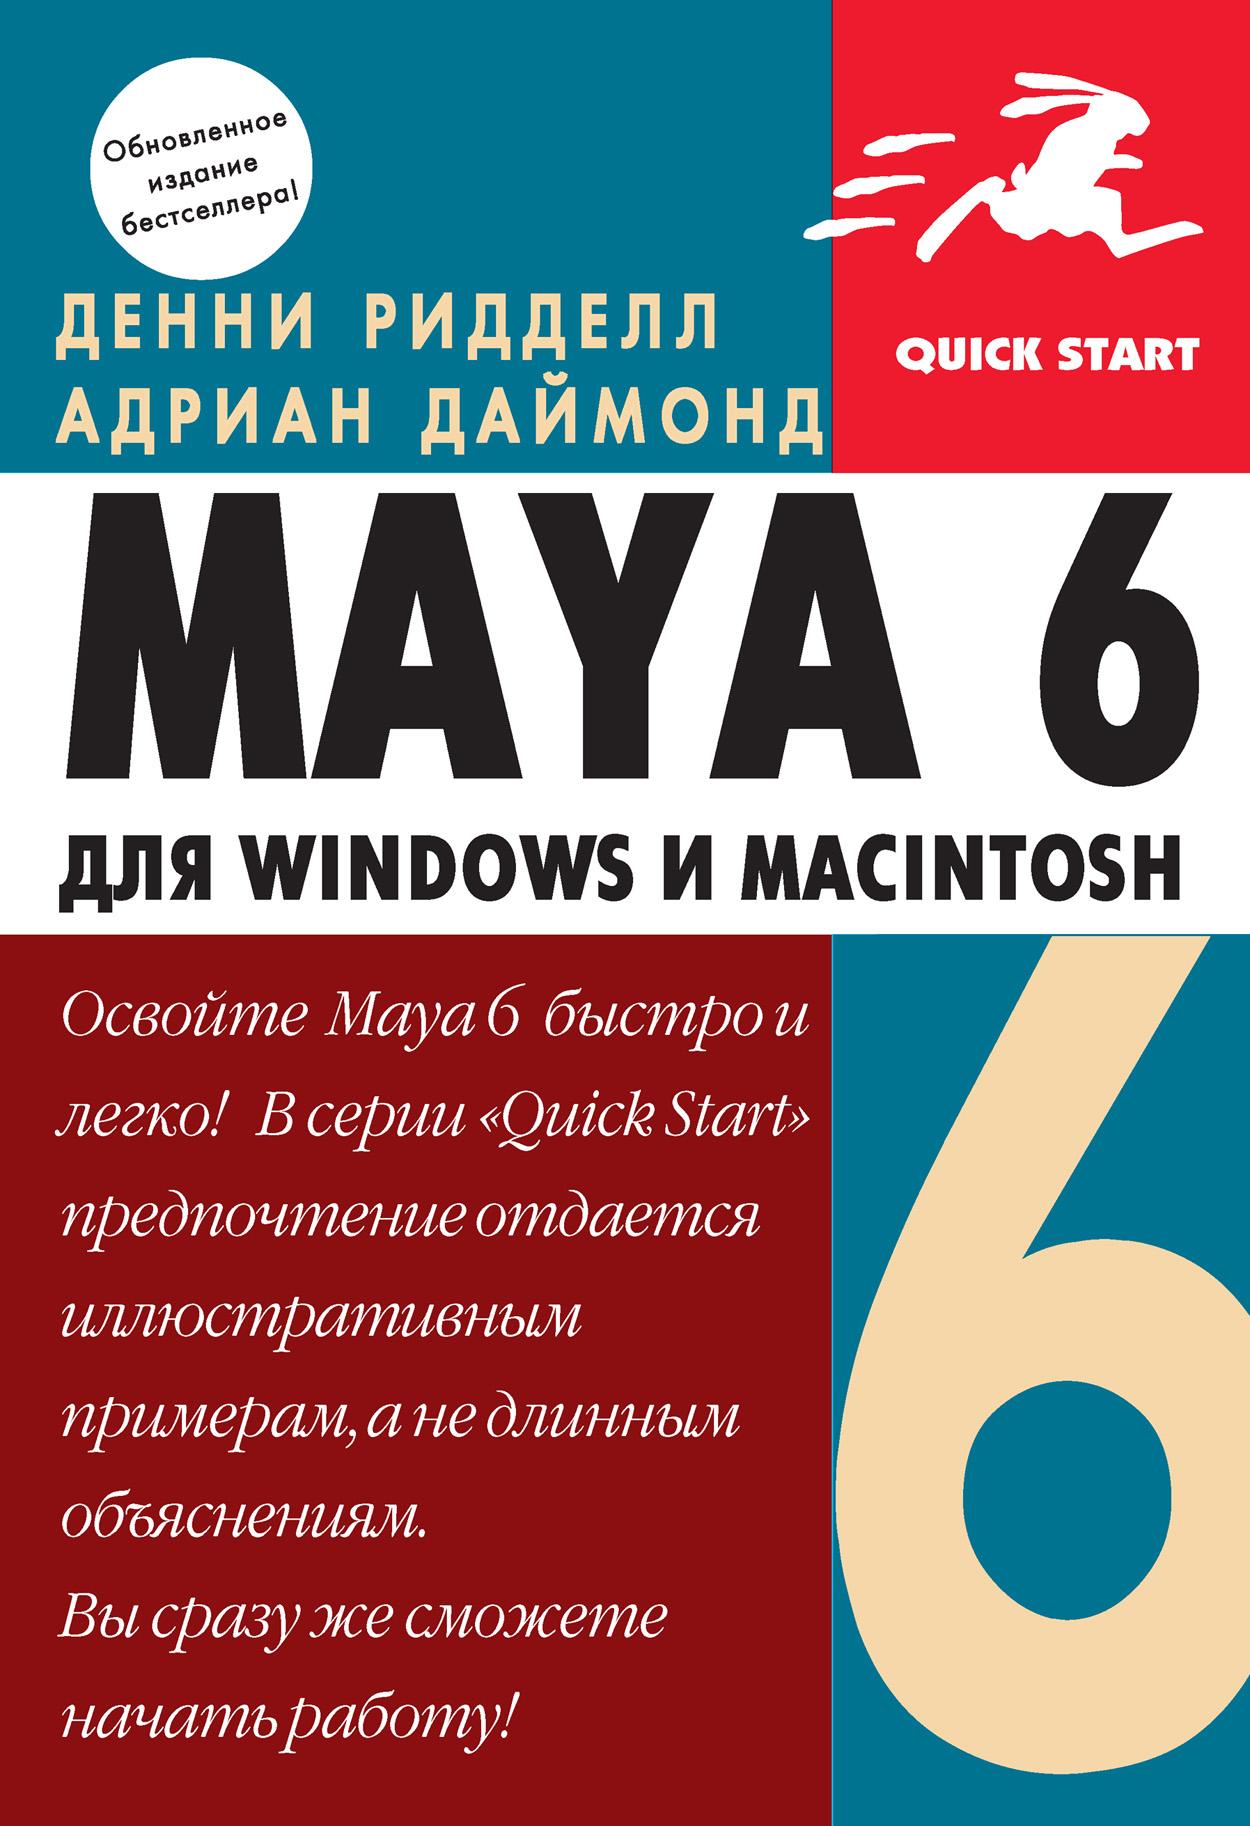 Maya 6 для Windows и Macintosh фото